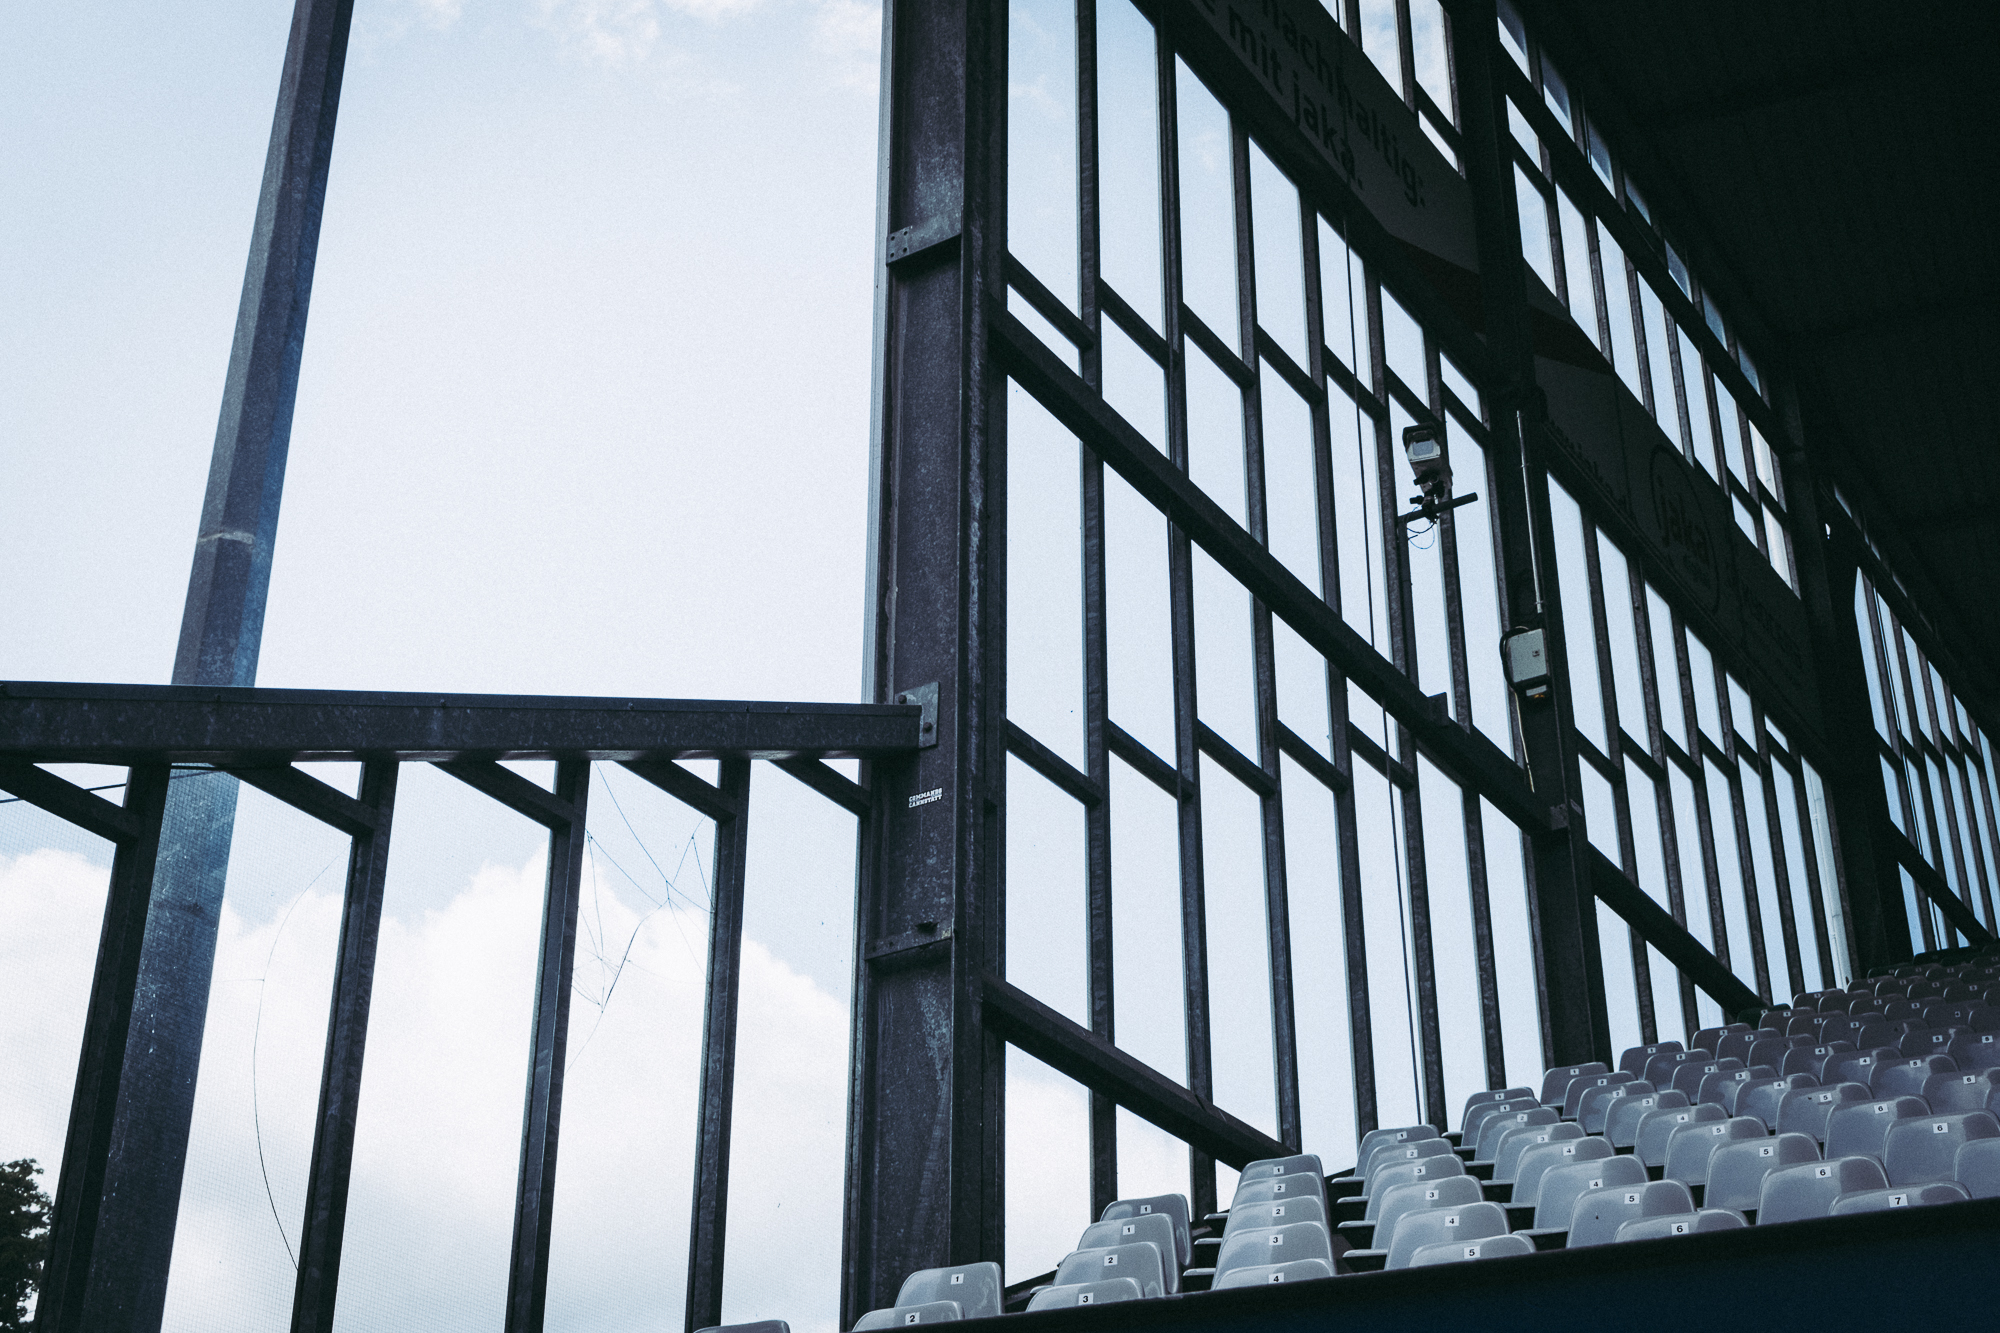 ERI12097 - Dreisamstadion